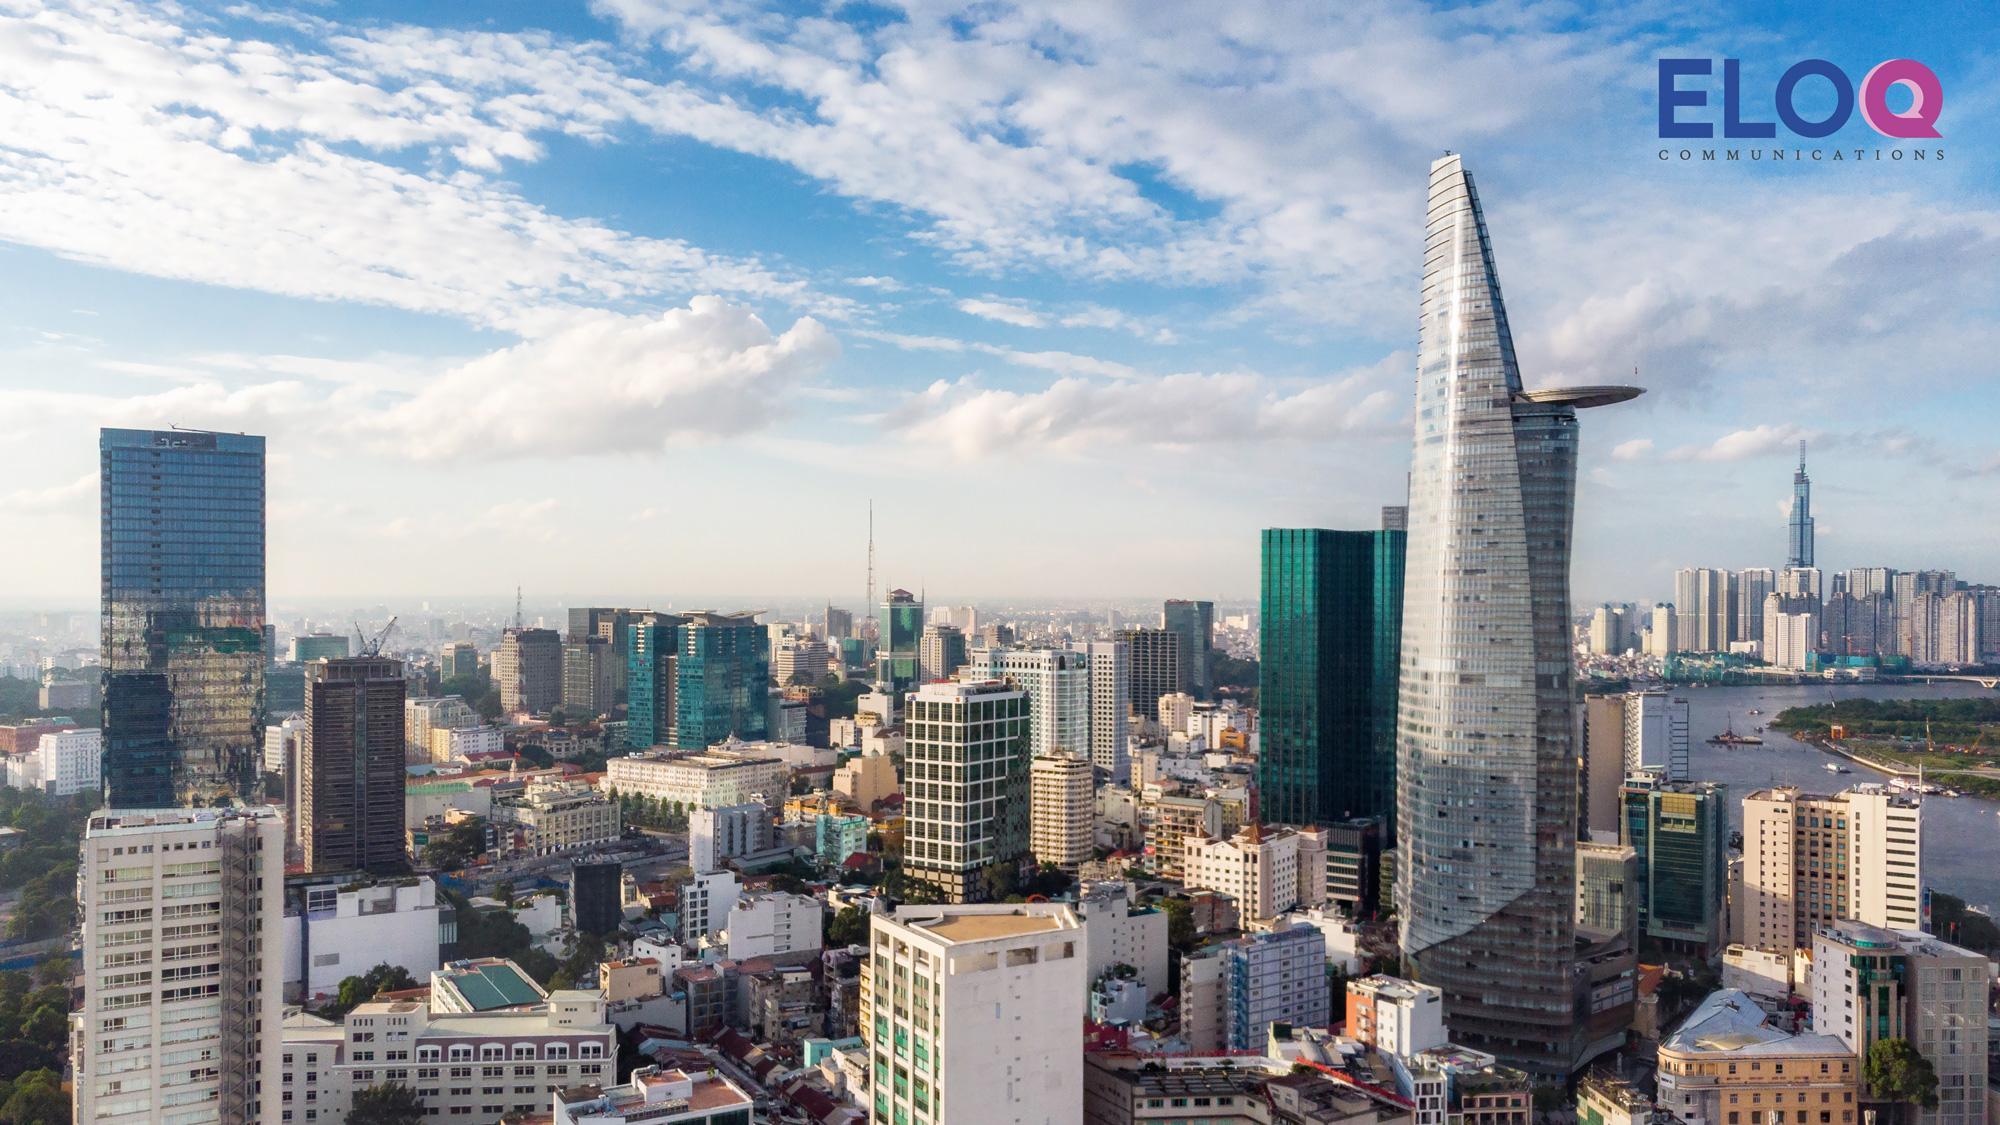 Bí kíp để doanh nghiệp Thái Lan tiếp cận khách hàng tại Việt Nam - Ảnh 1